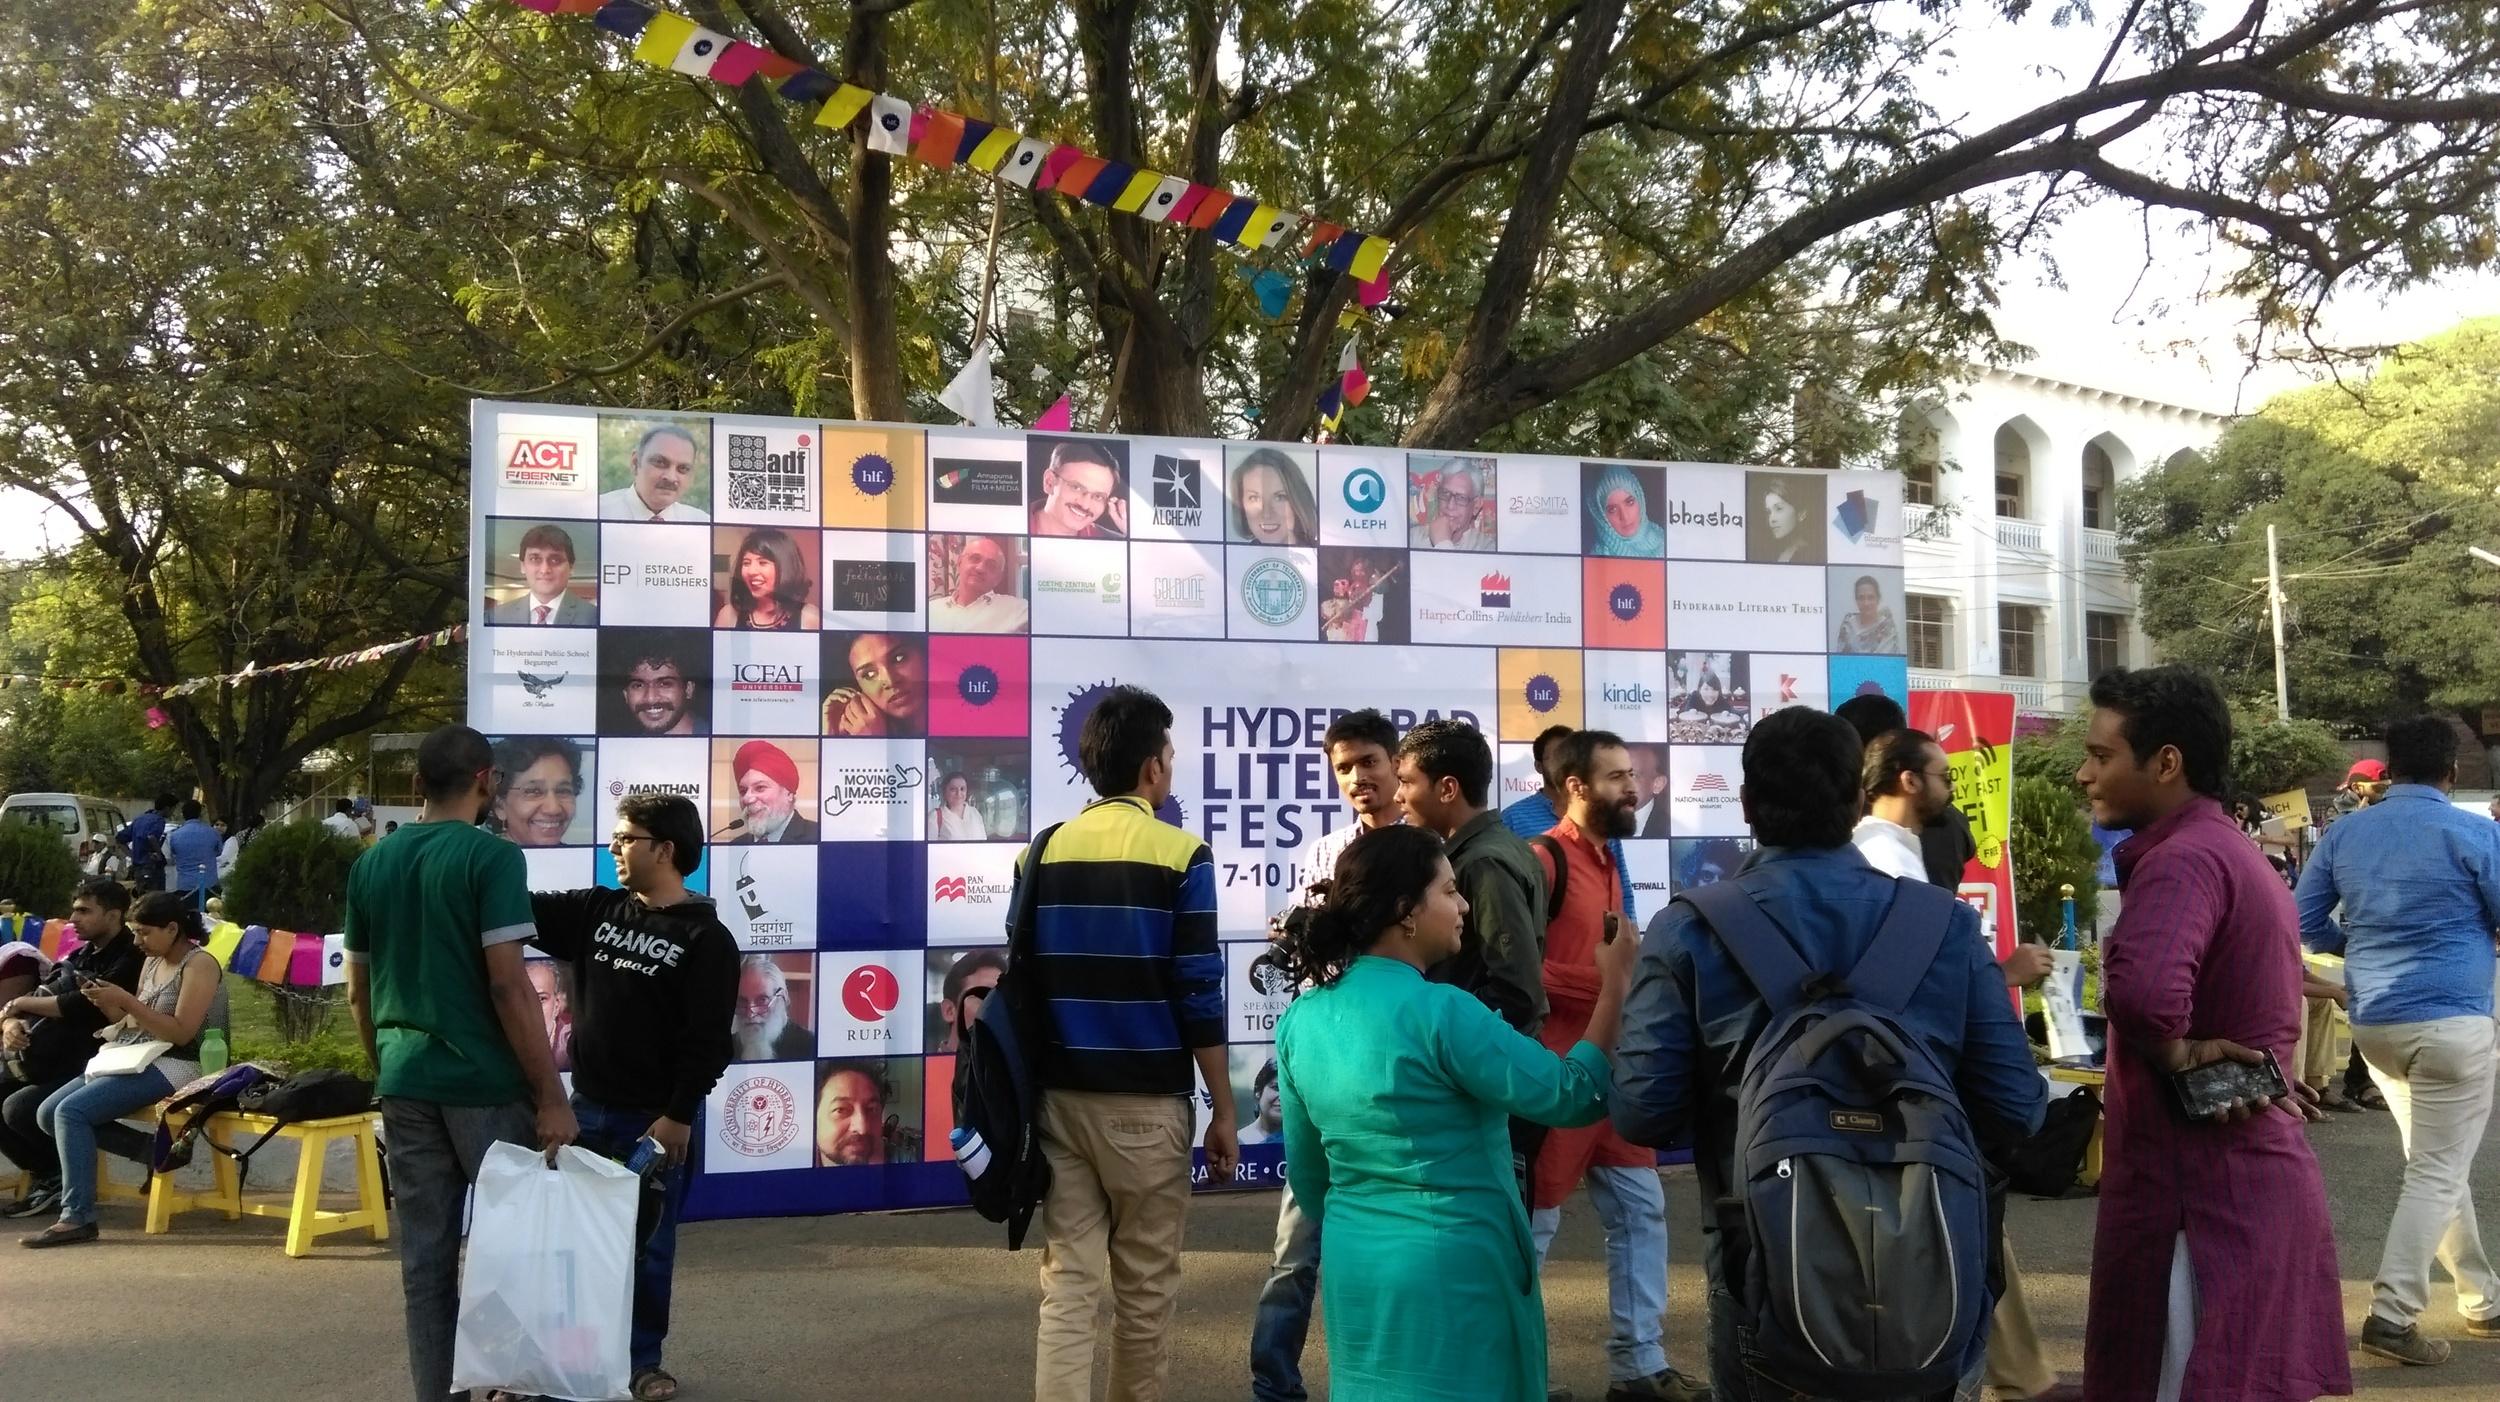 Hyderabad Literary Festival 2016